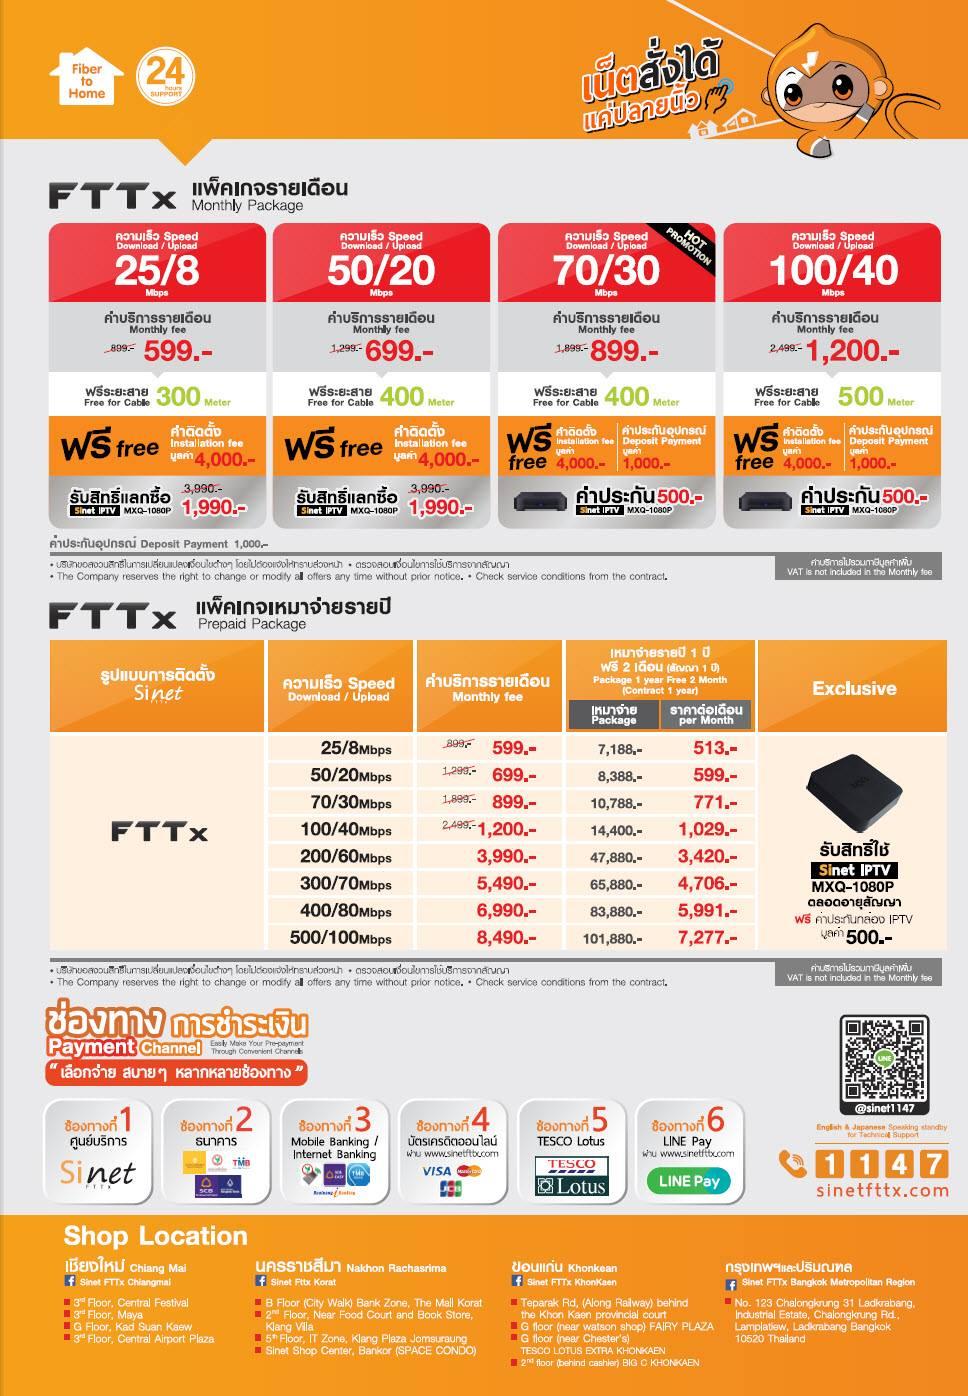 Sinet-FTTx-Promotion-100Mbps-SpecPhone-001